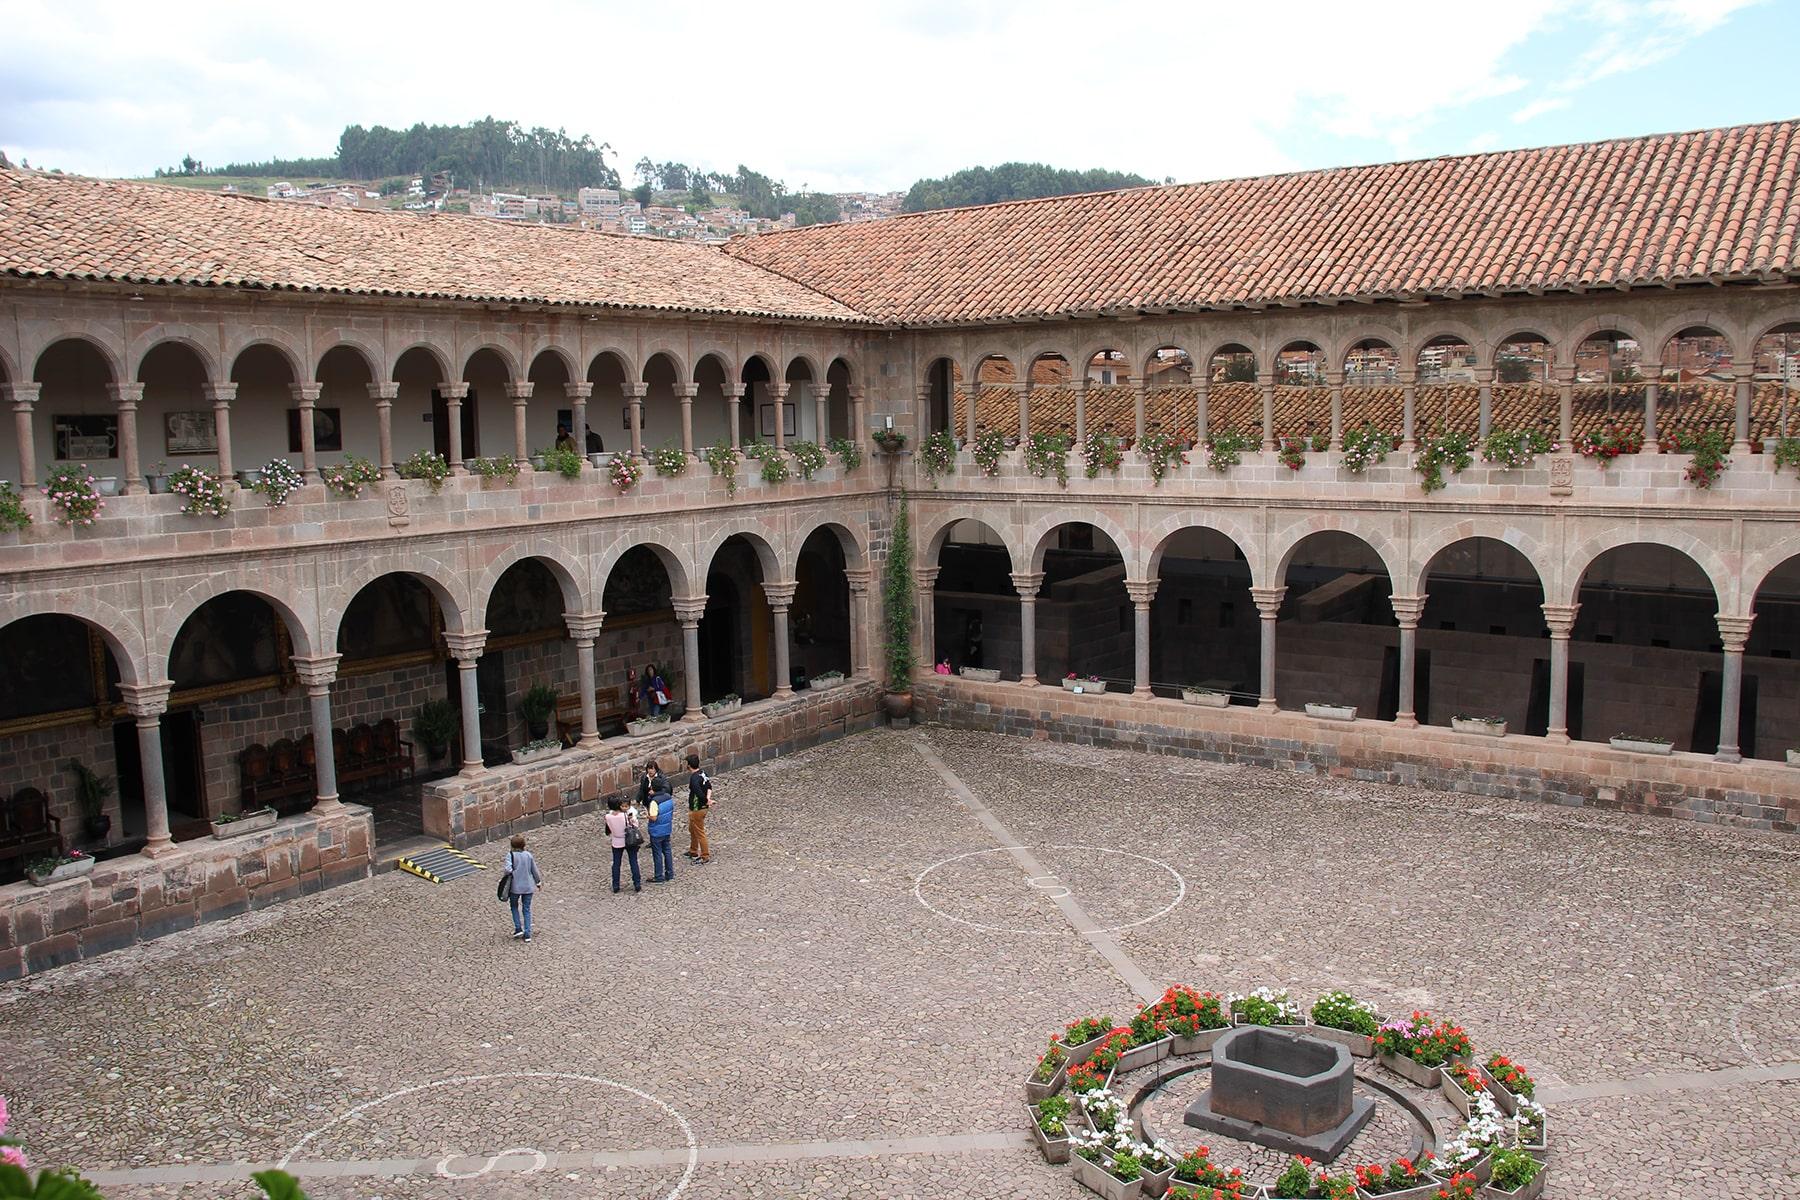 Chiesa di Qorikancha, Cuzco